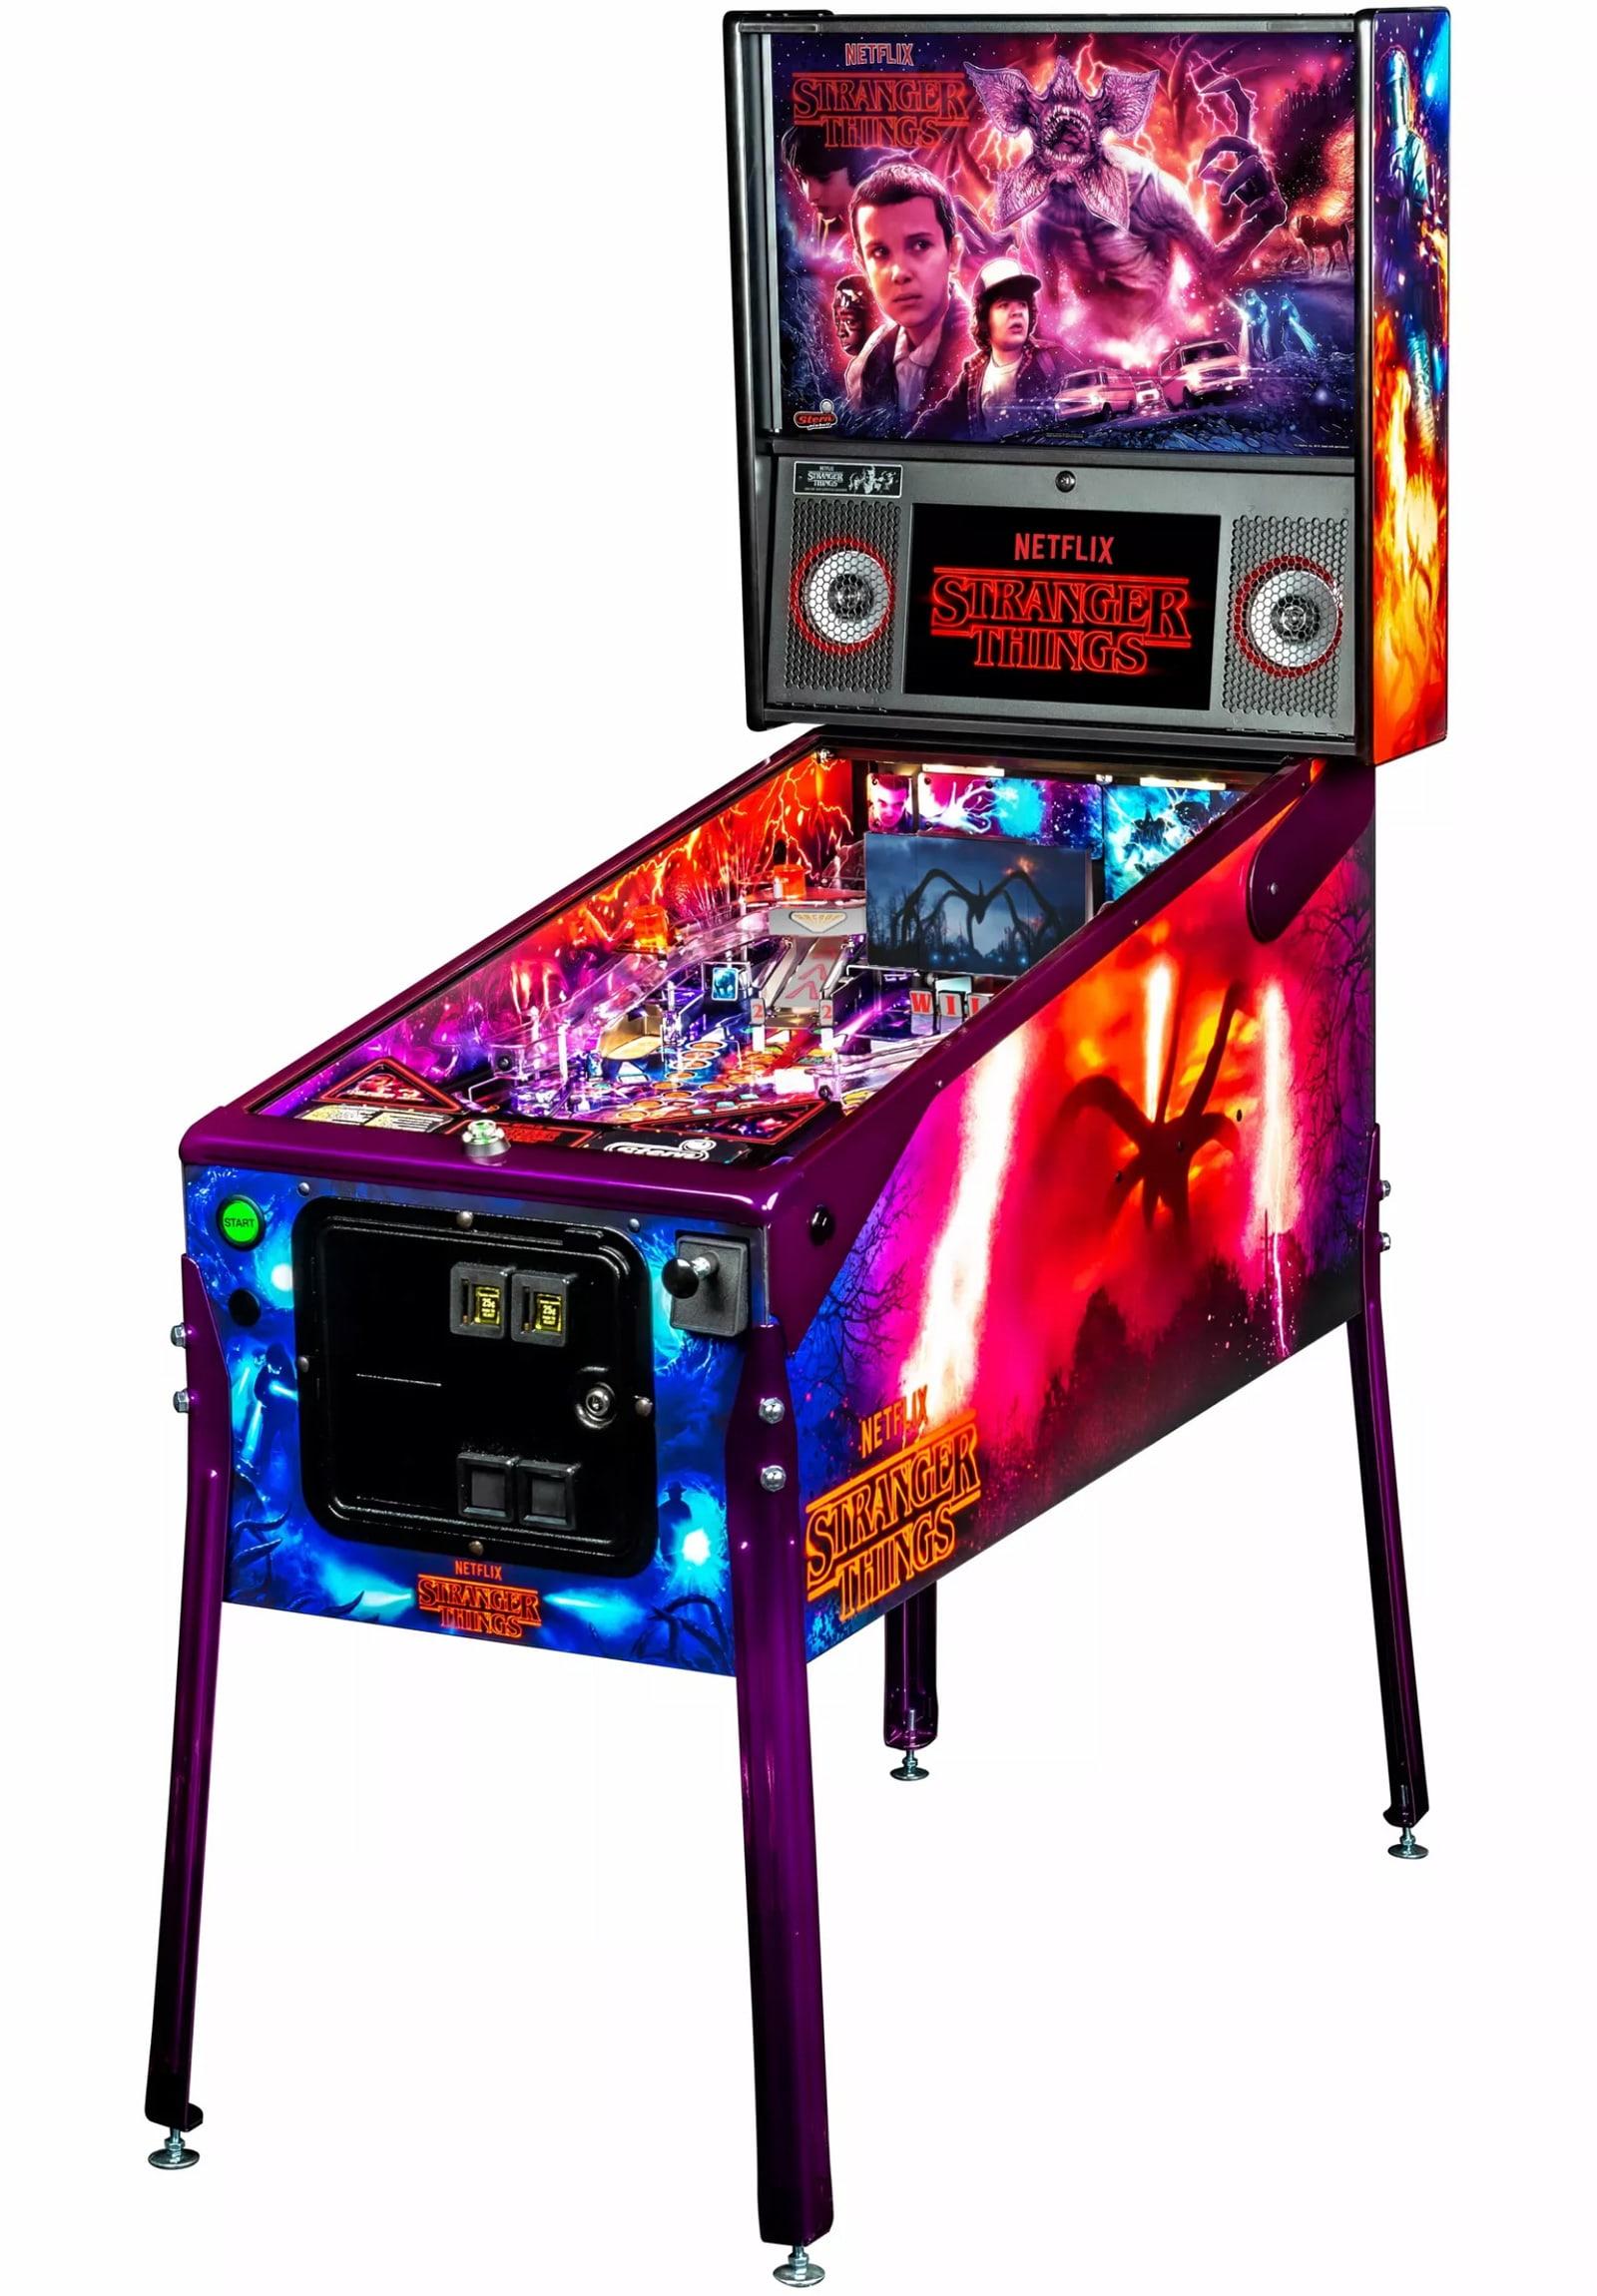 'Stranger Things' pinball machine